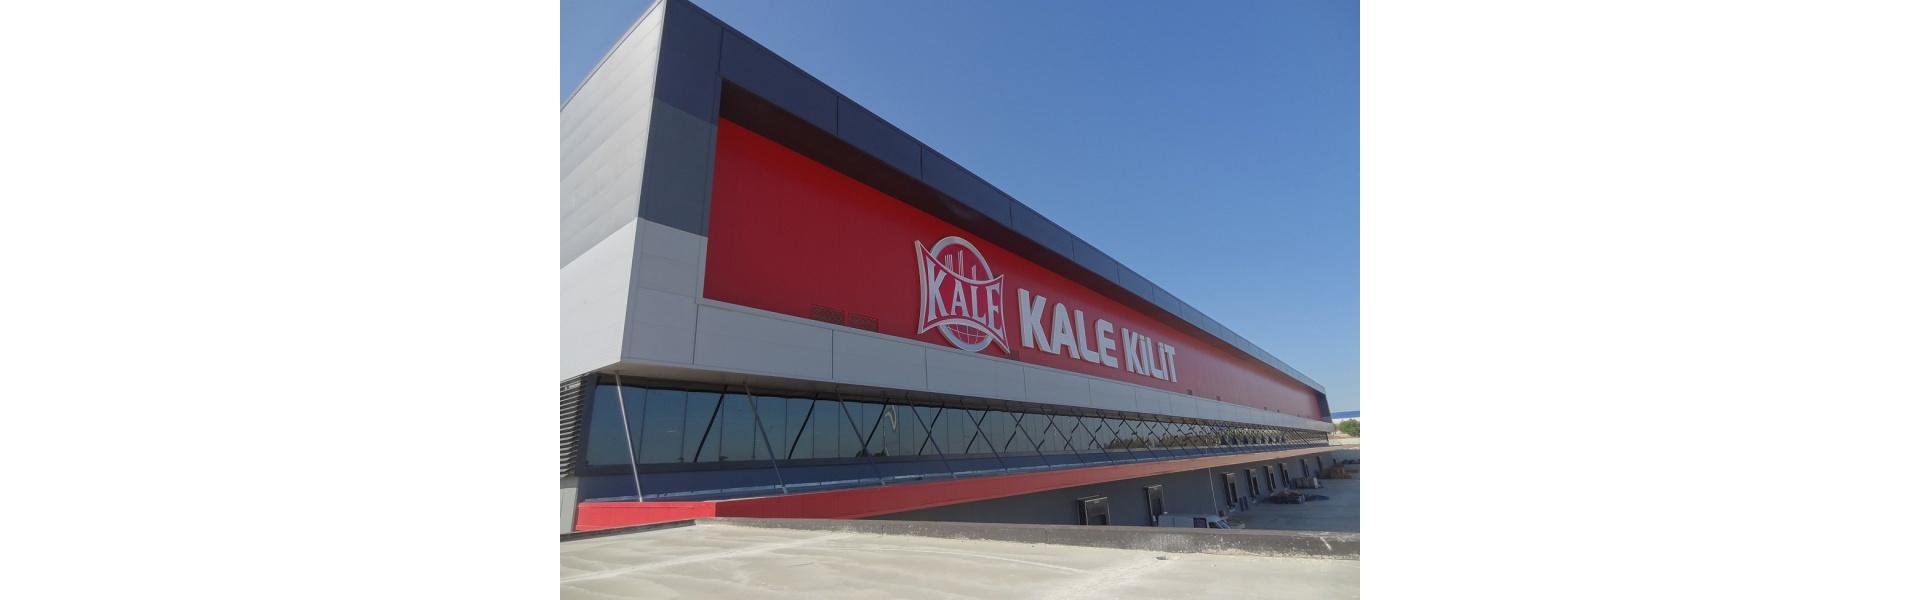 Kale1 280917100901